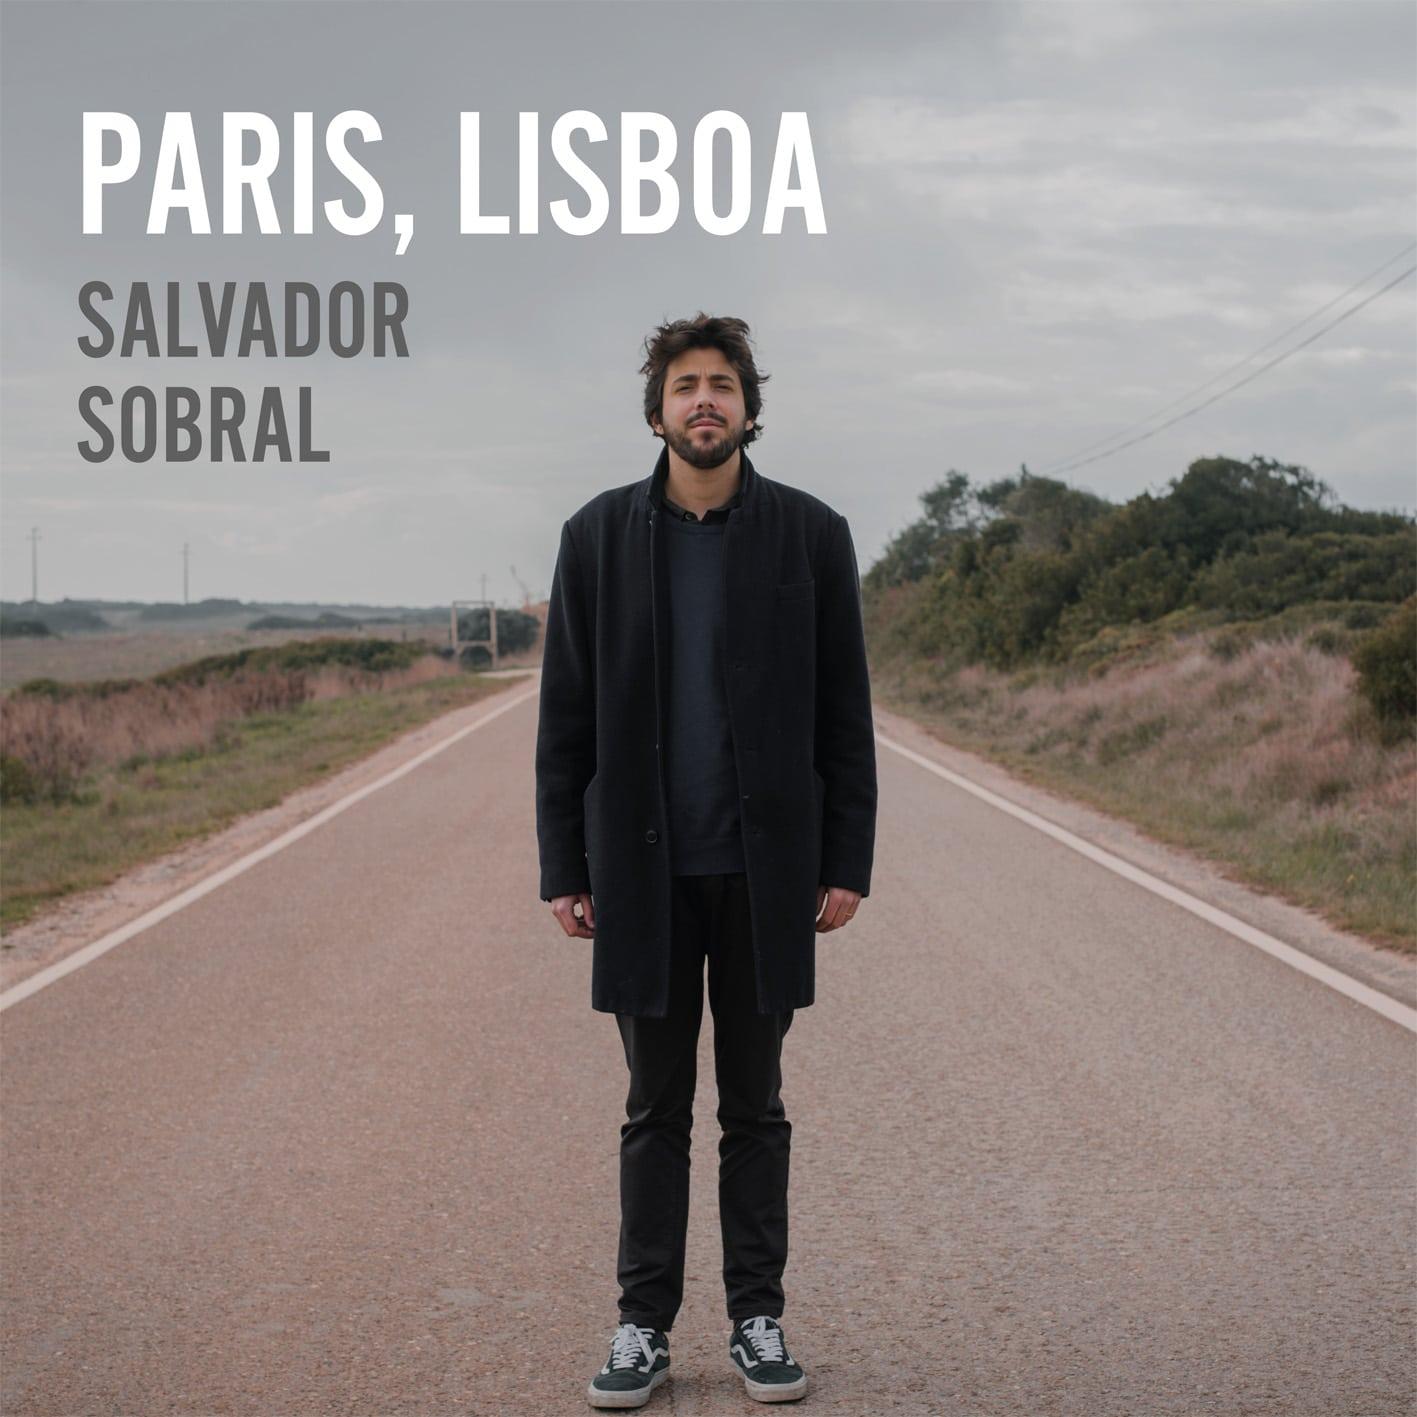 Salvador Sobral PARIS, LISBOA